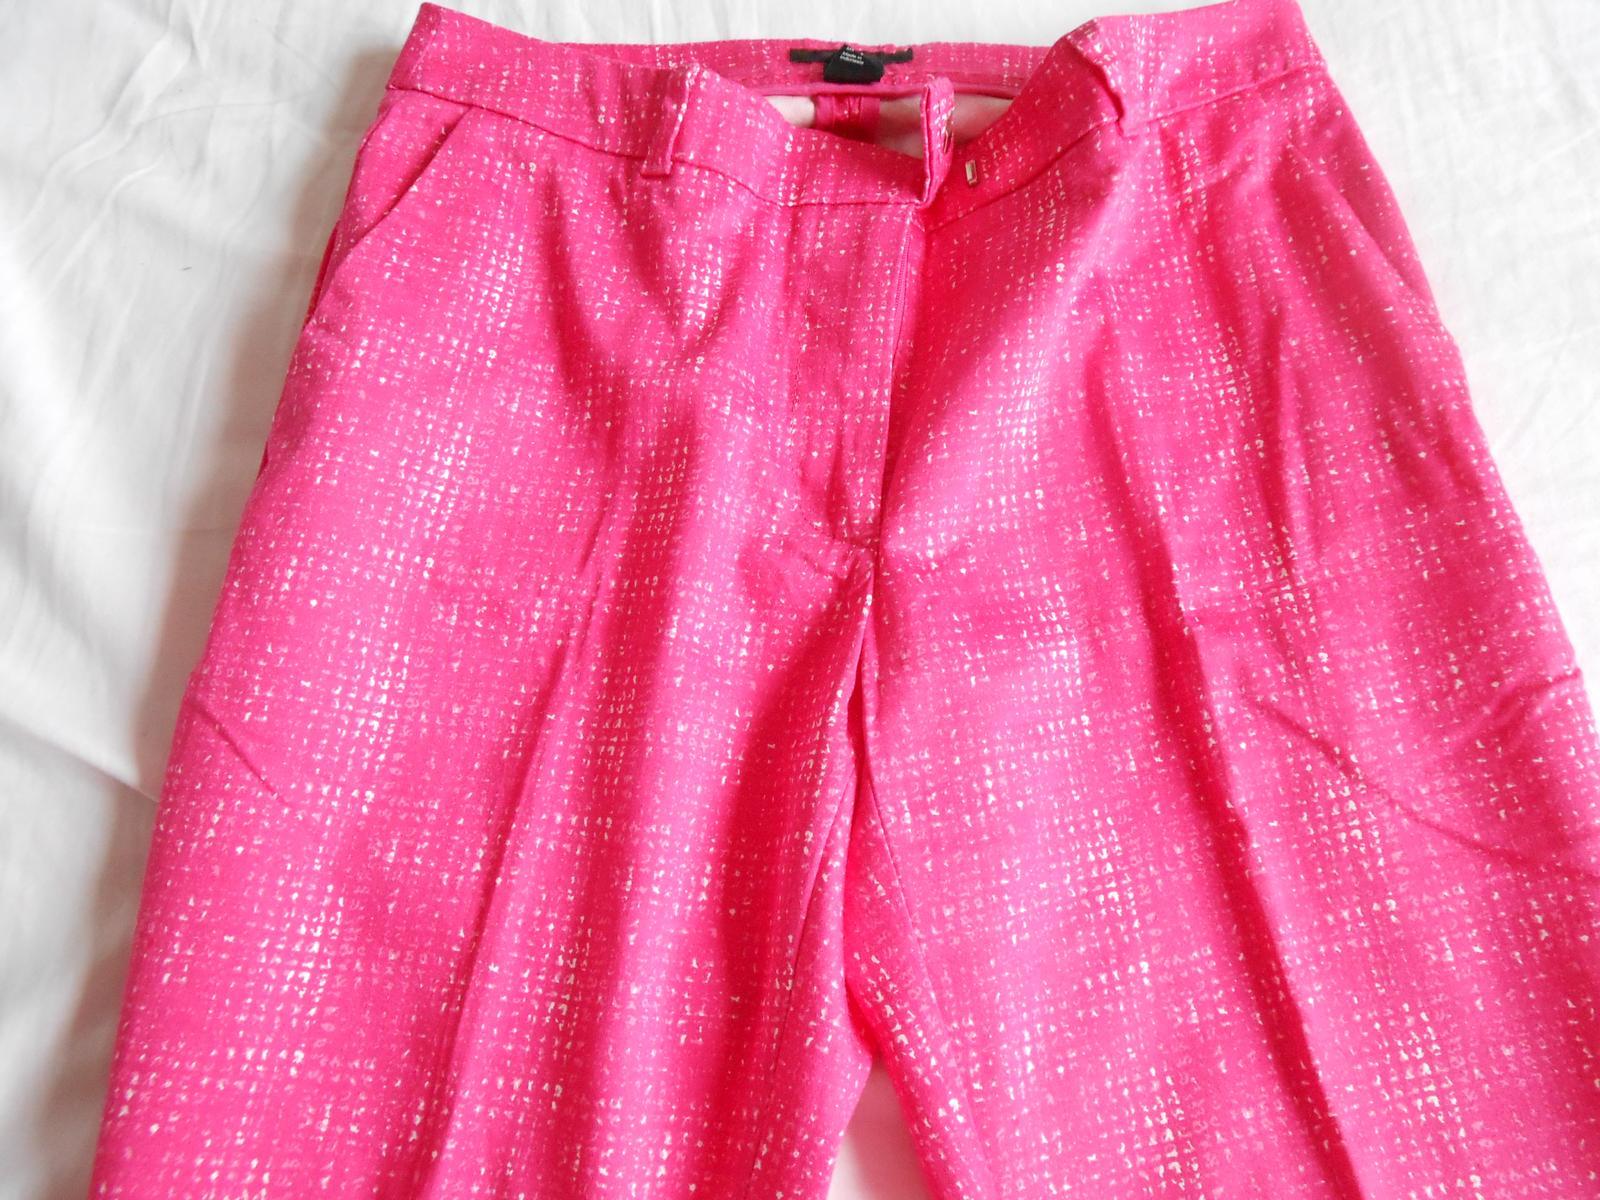 Ružové 7/8-nové striekané nohavice zn. H&M - Obrázok č. 2